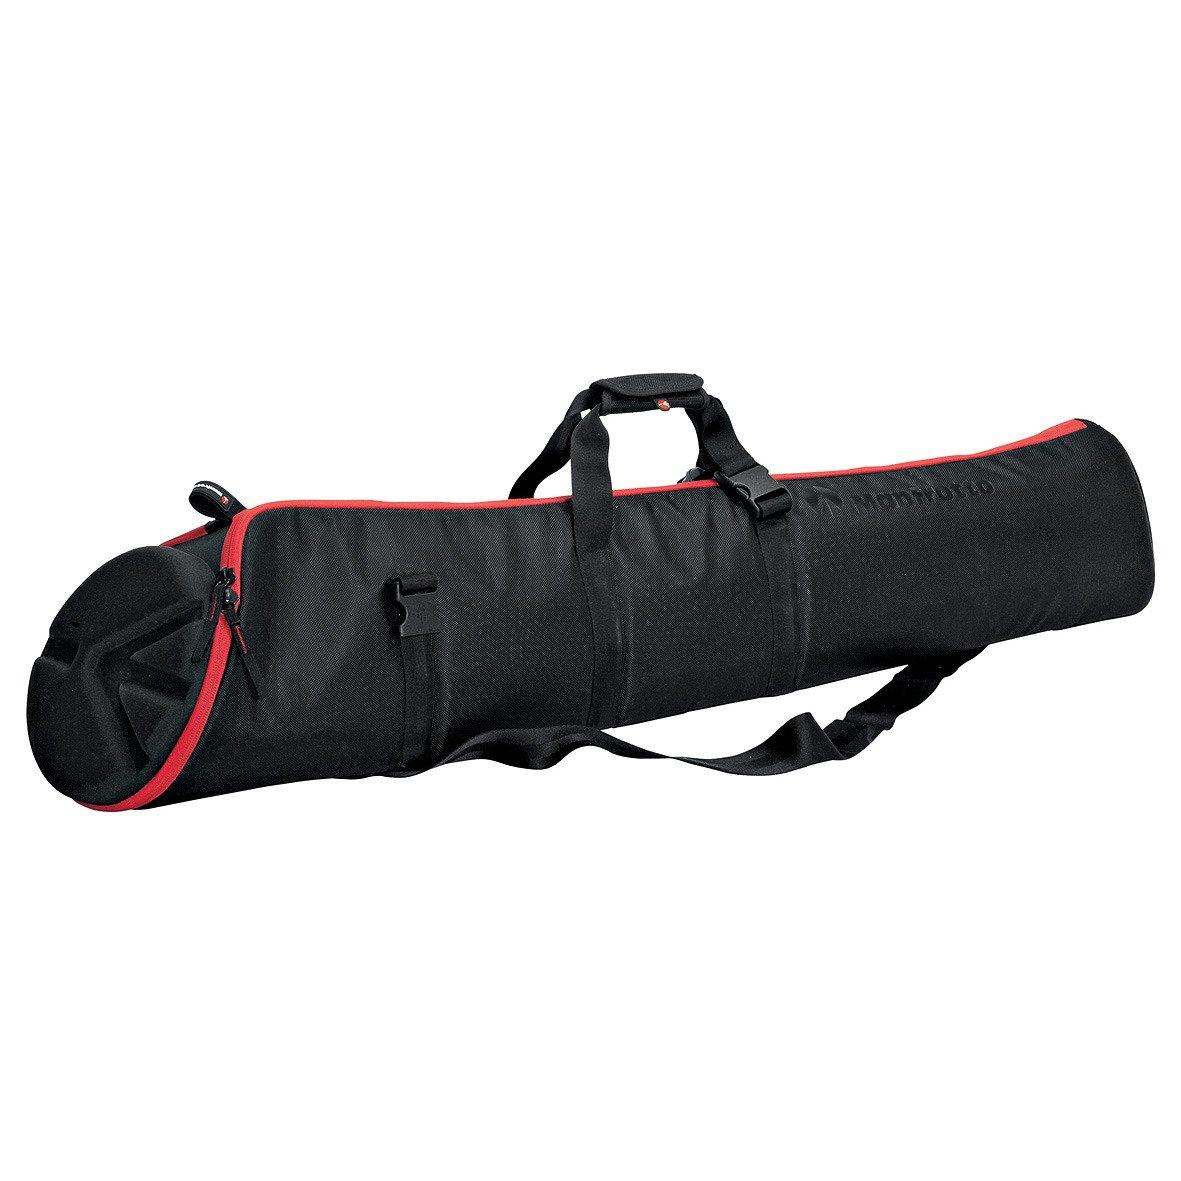 Acolchado Bolsa para tr/ípode de 90 cm Negro Manfrotto MBMBAG90PN